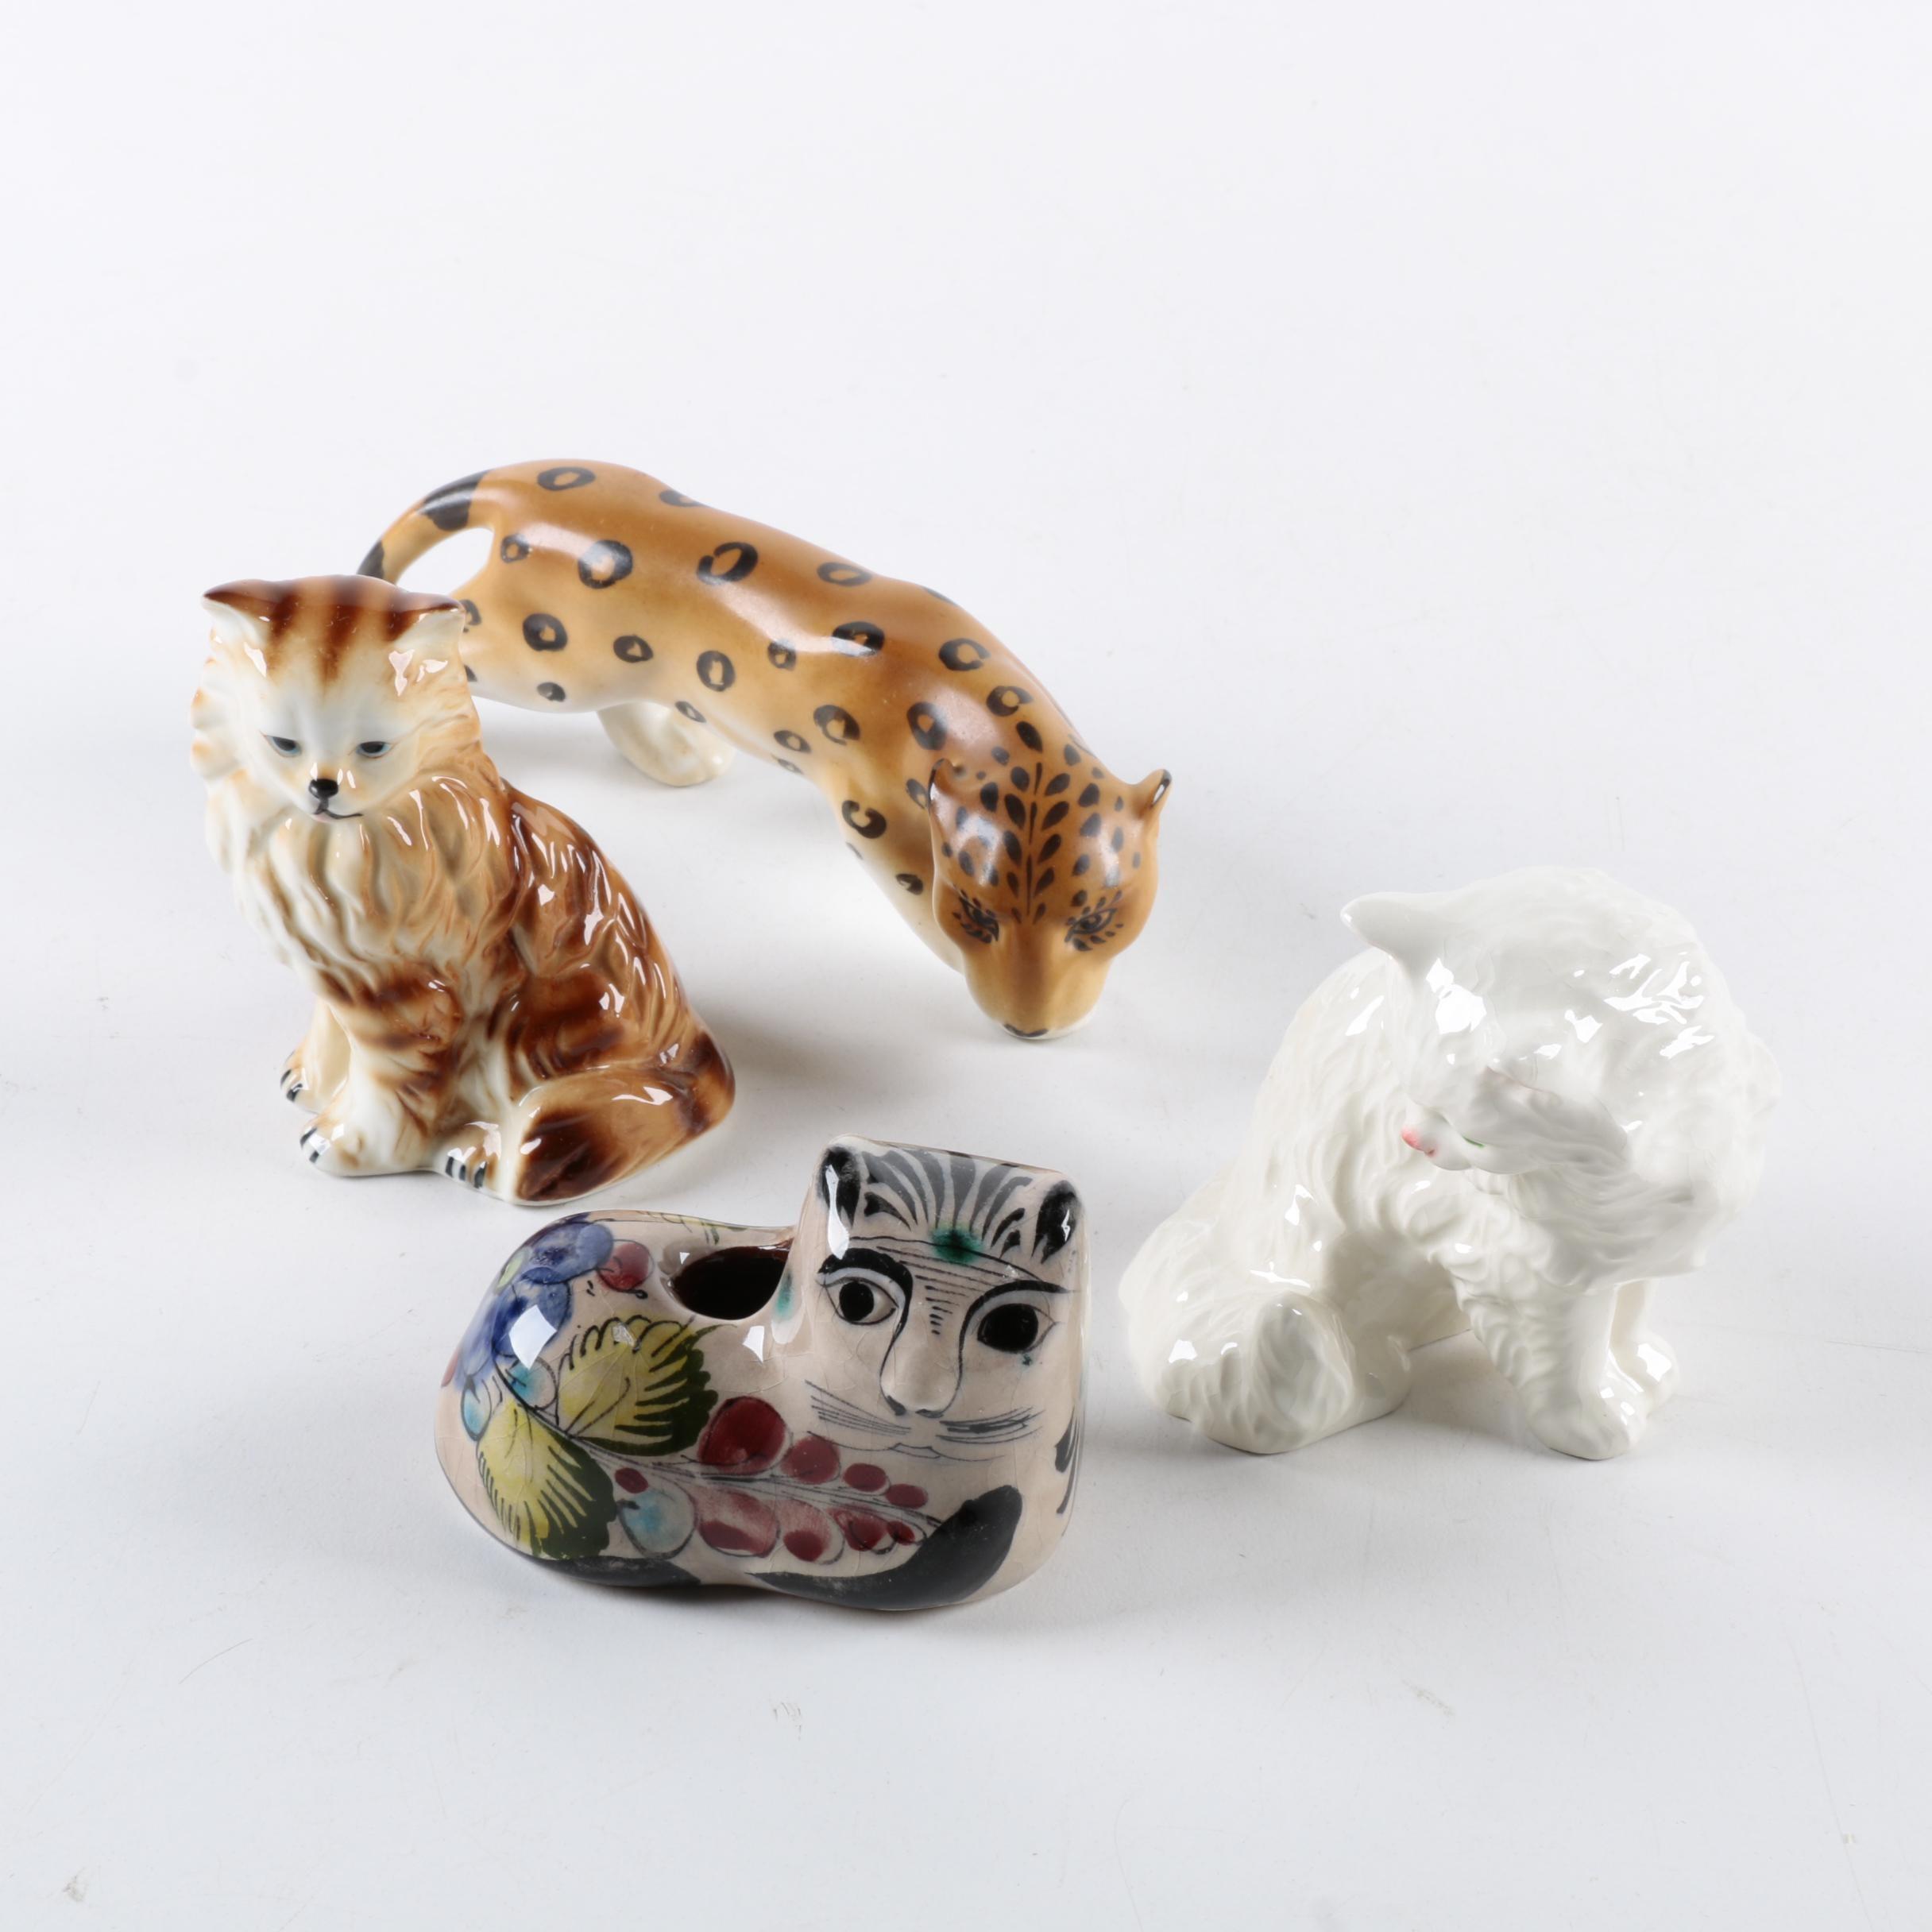 Collection of Ceramic Cat Figurines